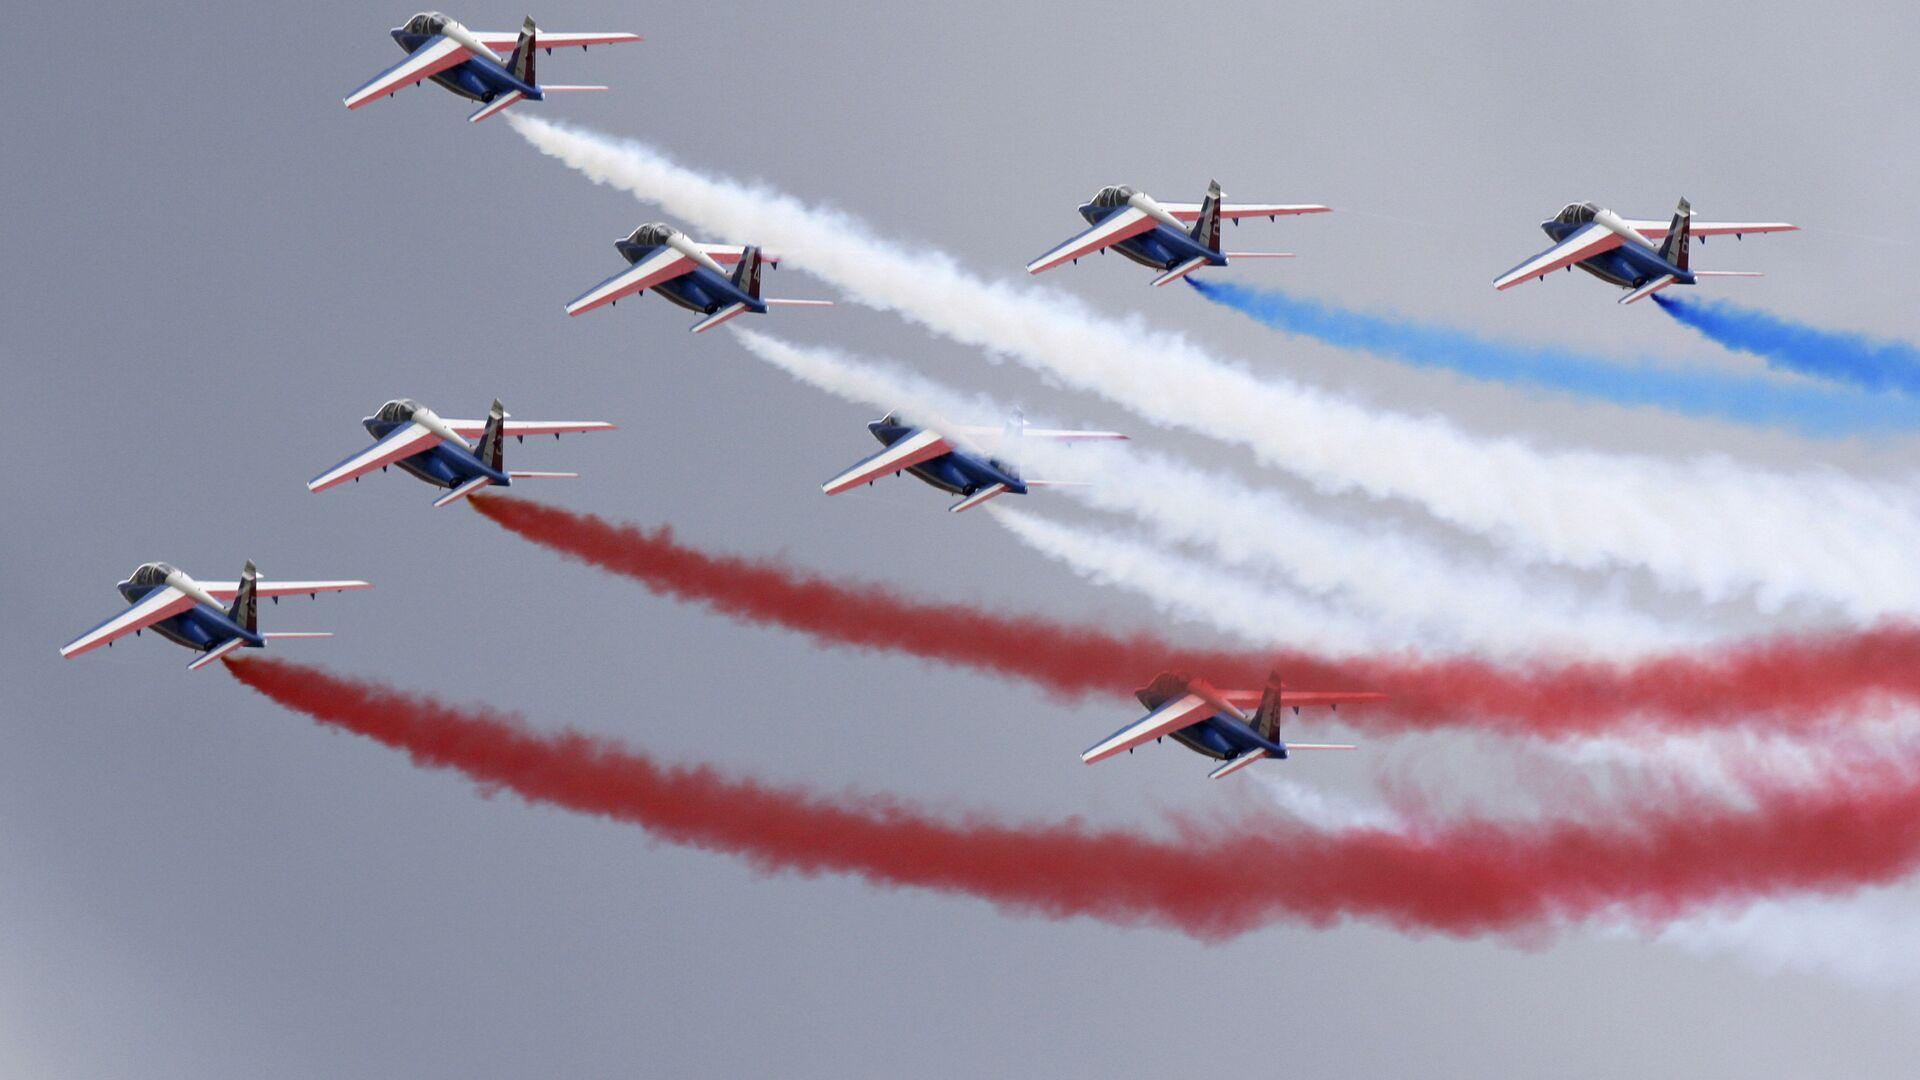 Французская пилотажная группа Патруль де Франс во время выступления на МАКС-2009 в Жуковском - РИА Новости, 1920, 02.10.2020